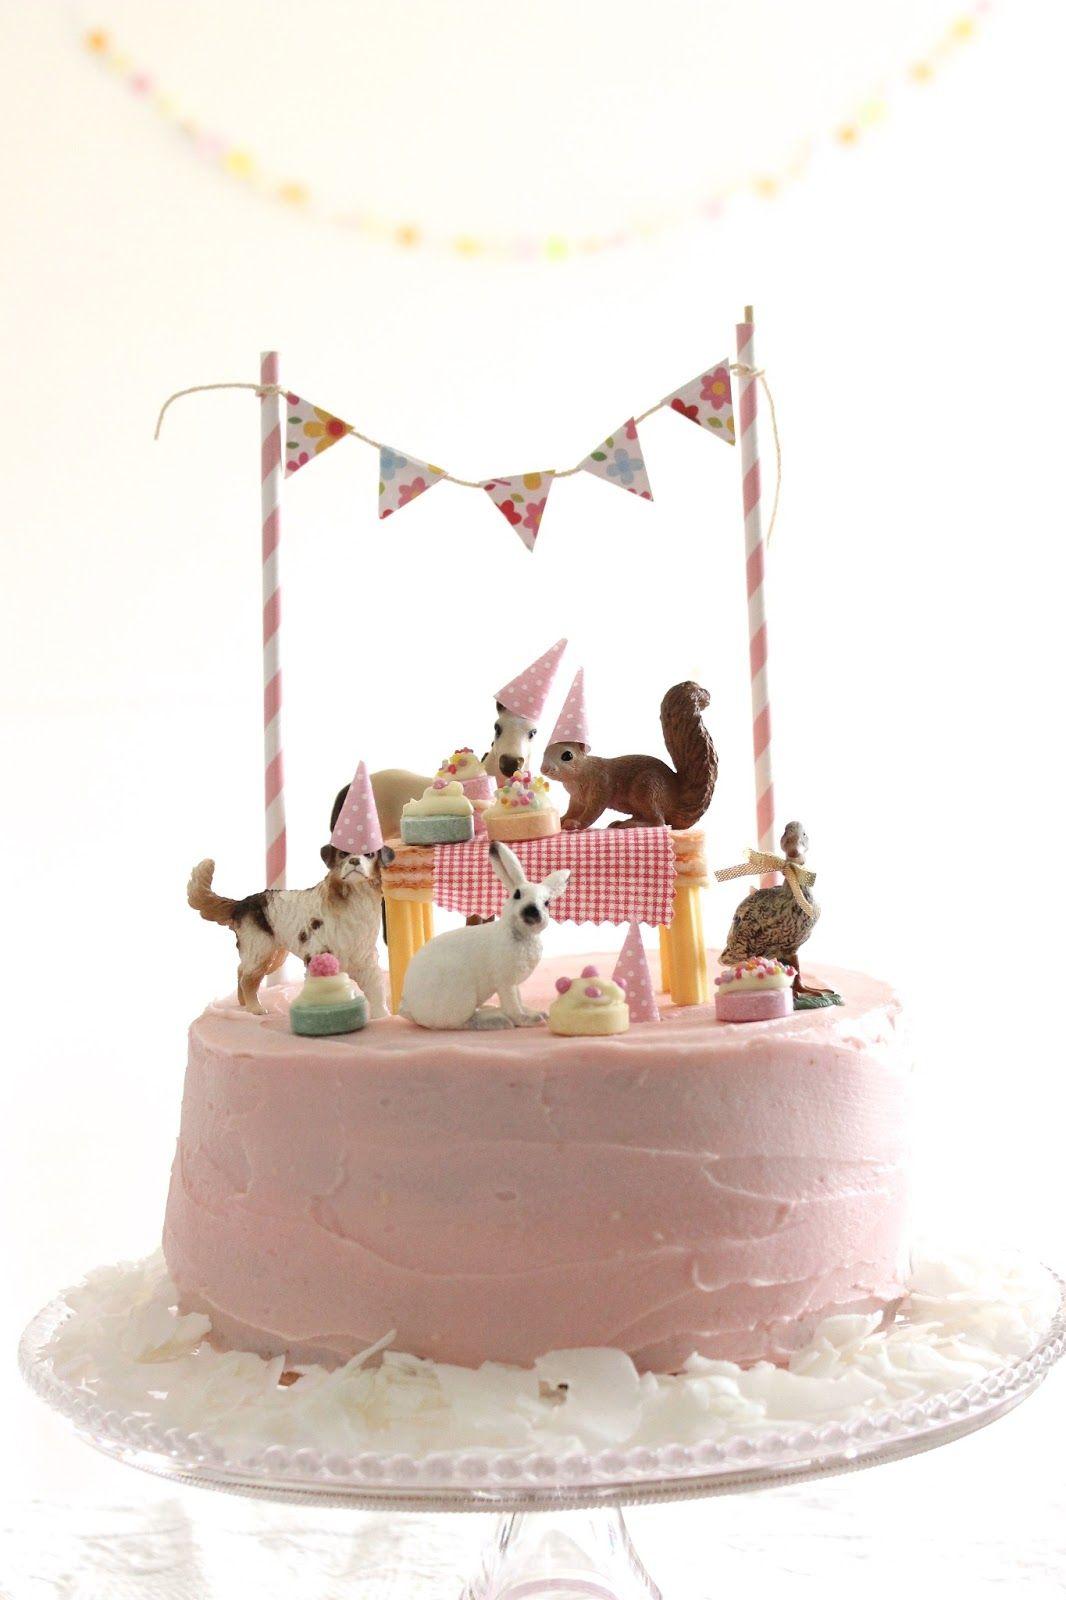 birthday cake kuchen geburtstagskuchen torte geburtstag yummi happybirthday. Black Bedroom Furniture Sets. Home Design Ideas